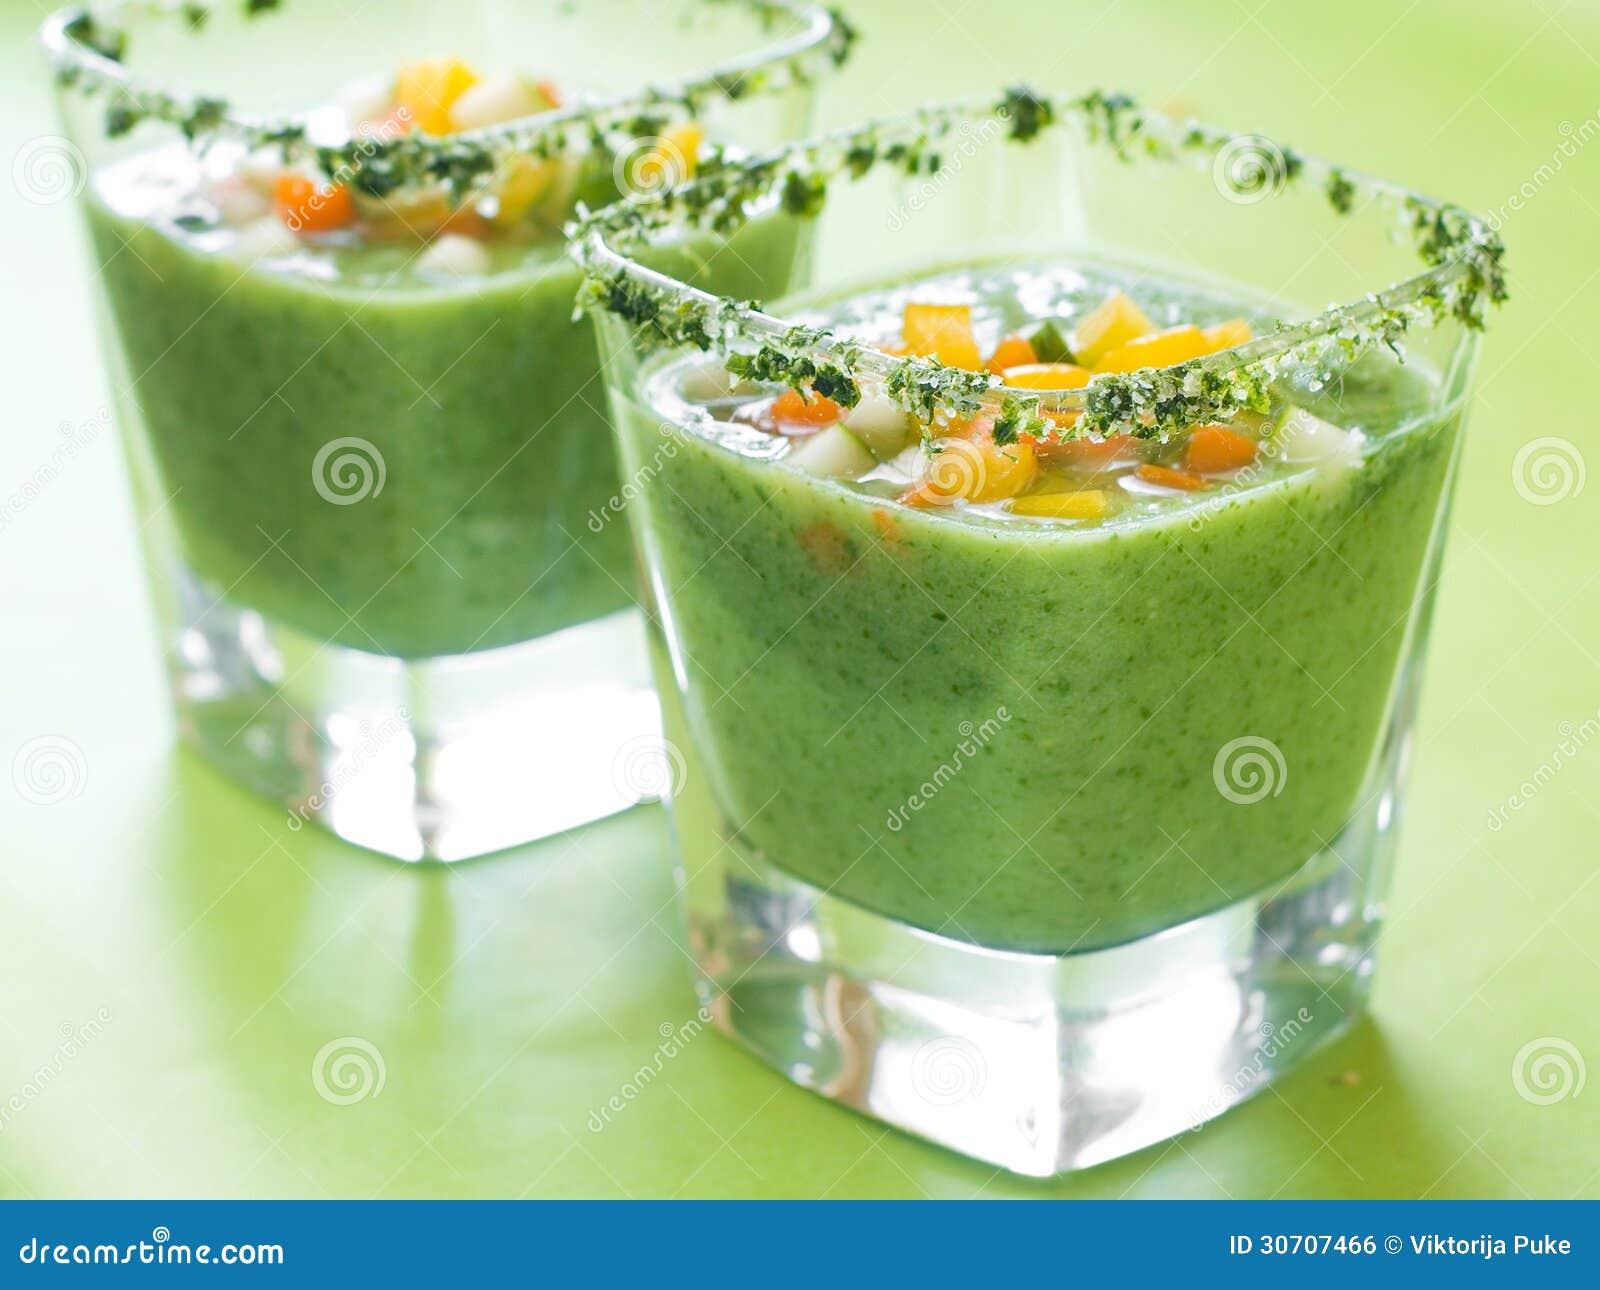 frische kalte suppe gazpacho stockfoto bild 30707466. Black Bedroom Furniture Sets. Home Design Ideas